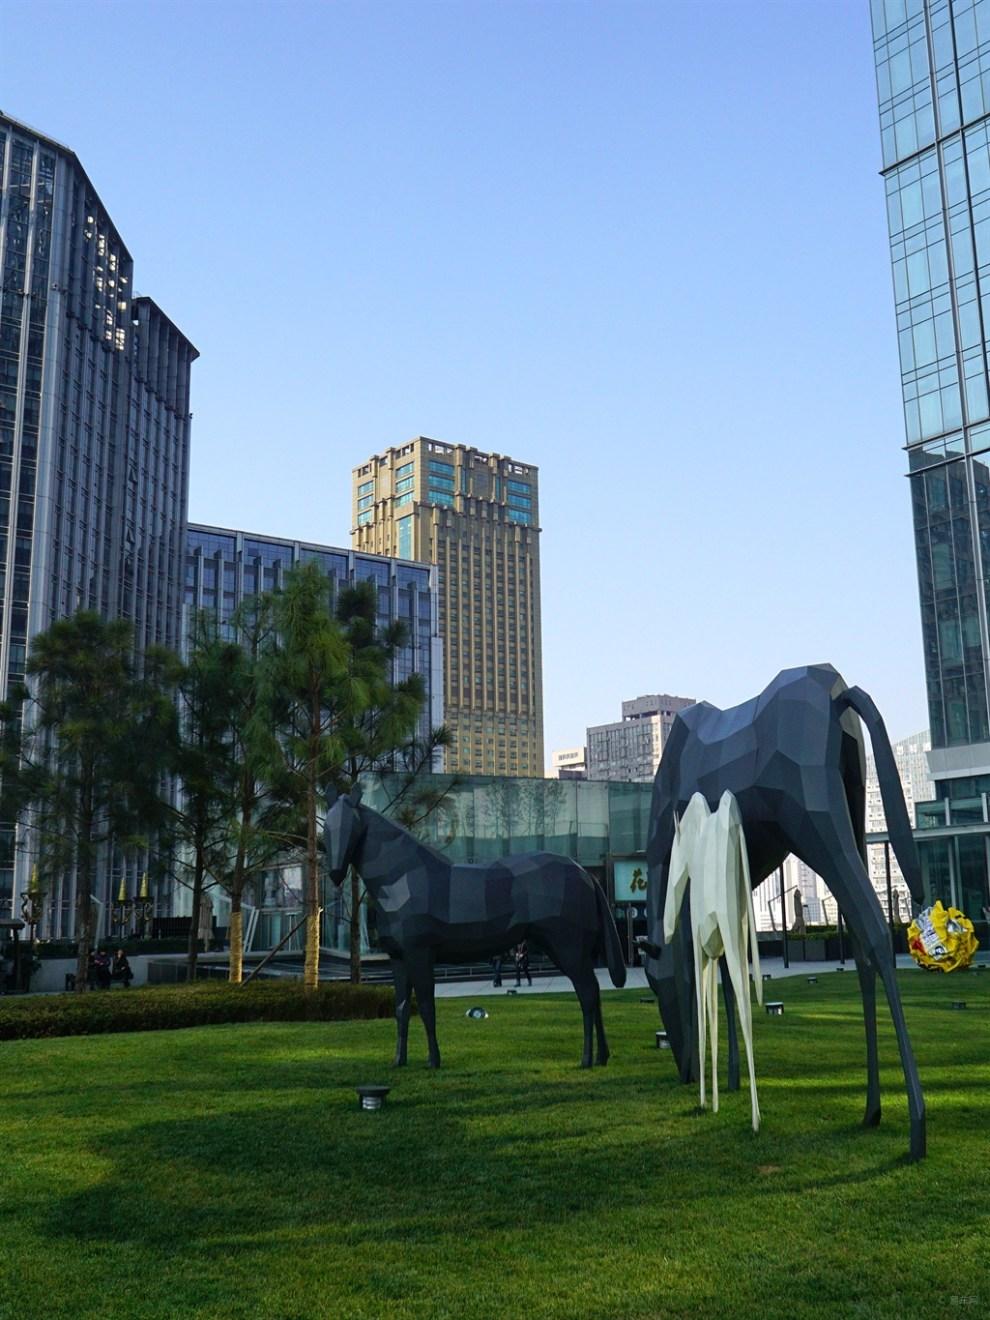 【巍巍雪山】分享ifs成都国际金融中心7楼户外雕塑花园美景